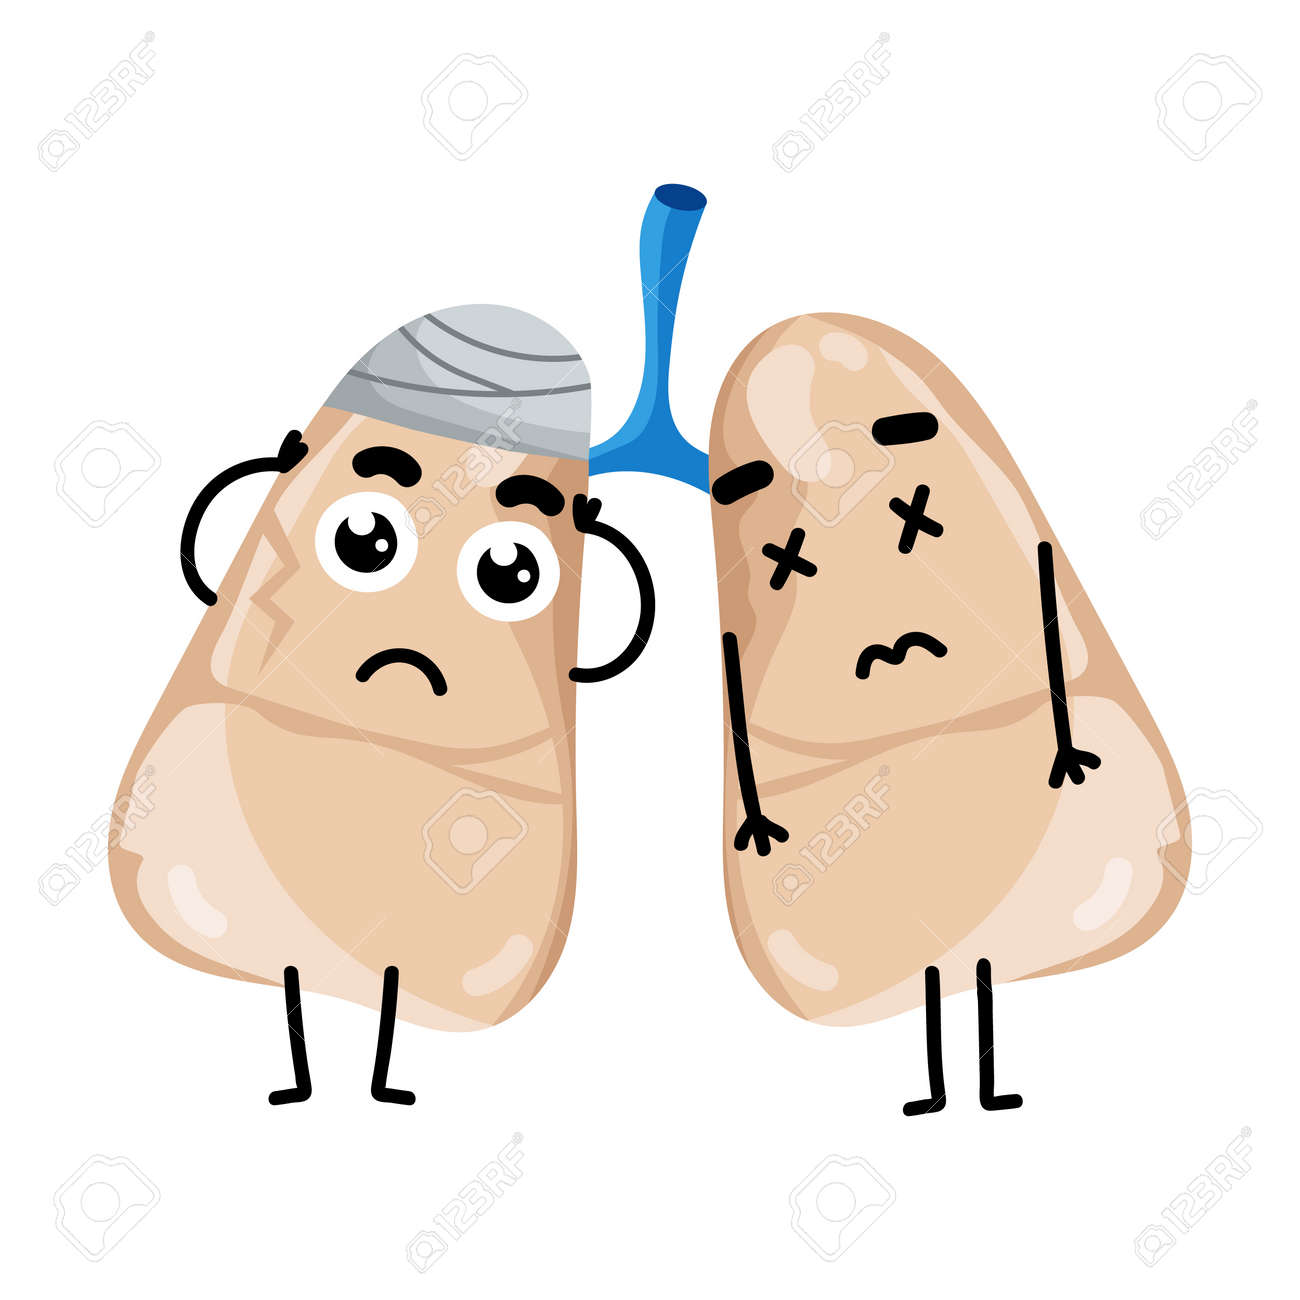 Personaje De Dibujos Animados De Pulmones Enfermos Humanos. Elemento ...